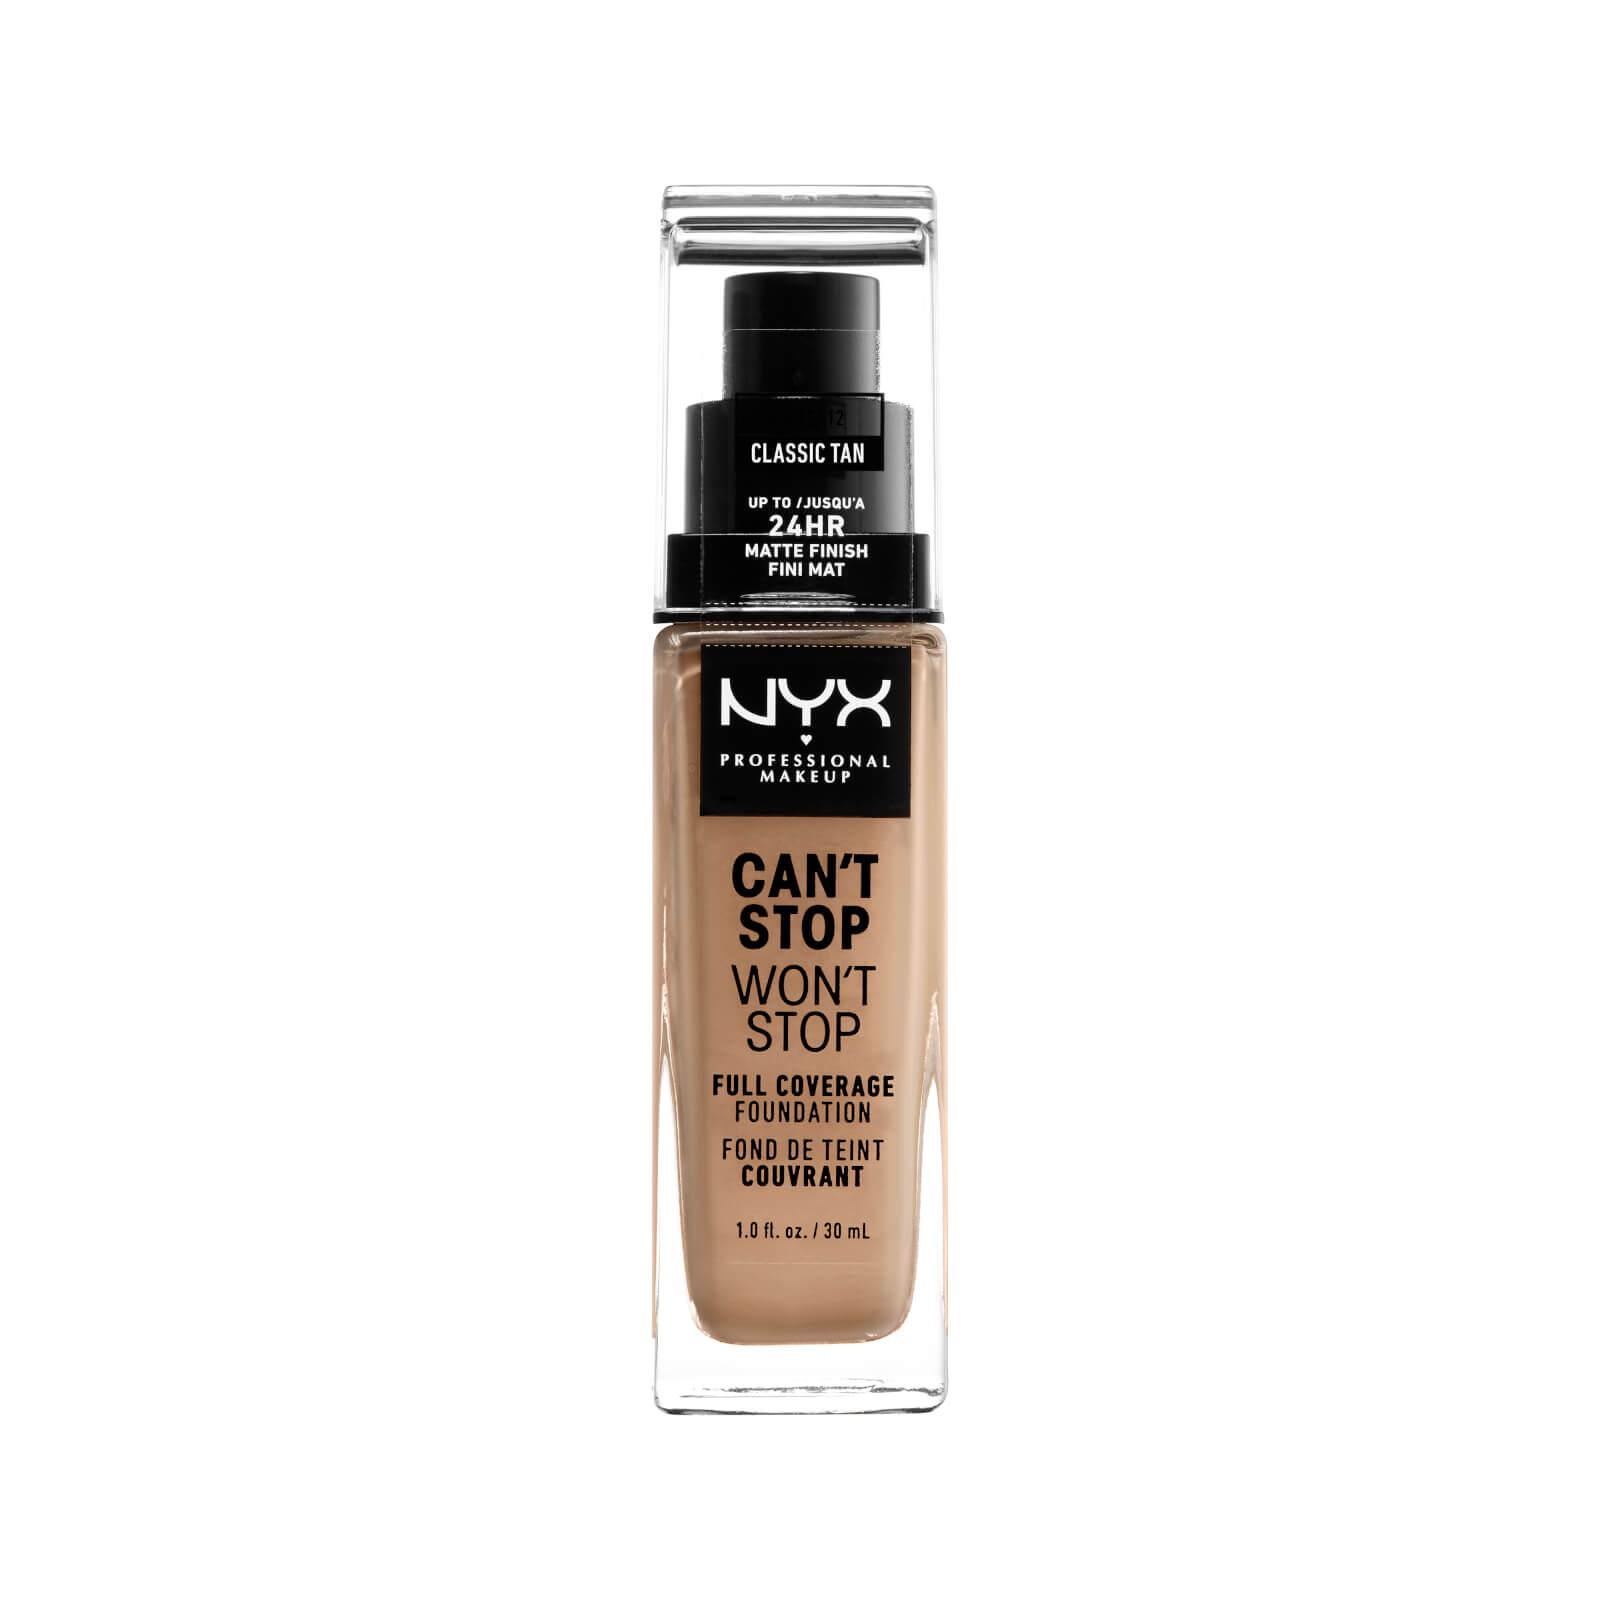 NYX Professional Makeup Fond de Teint 24Heures Can't Stop Won't Stop NYX Professional Makeup (différentes teintes disponibles) - Classic Tan